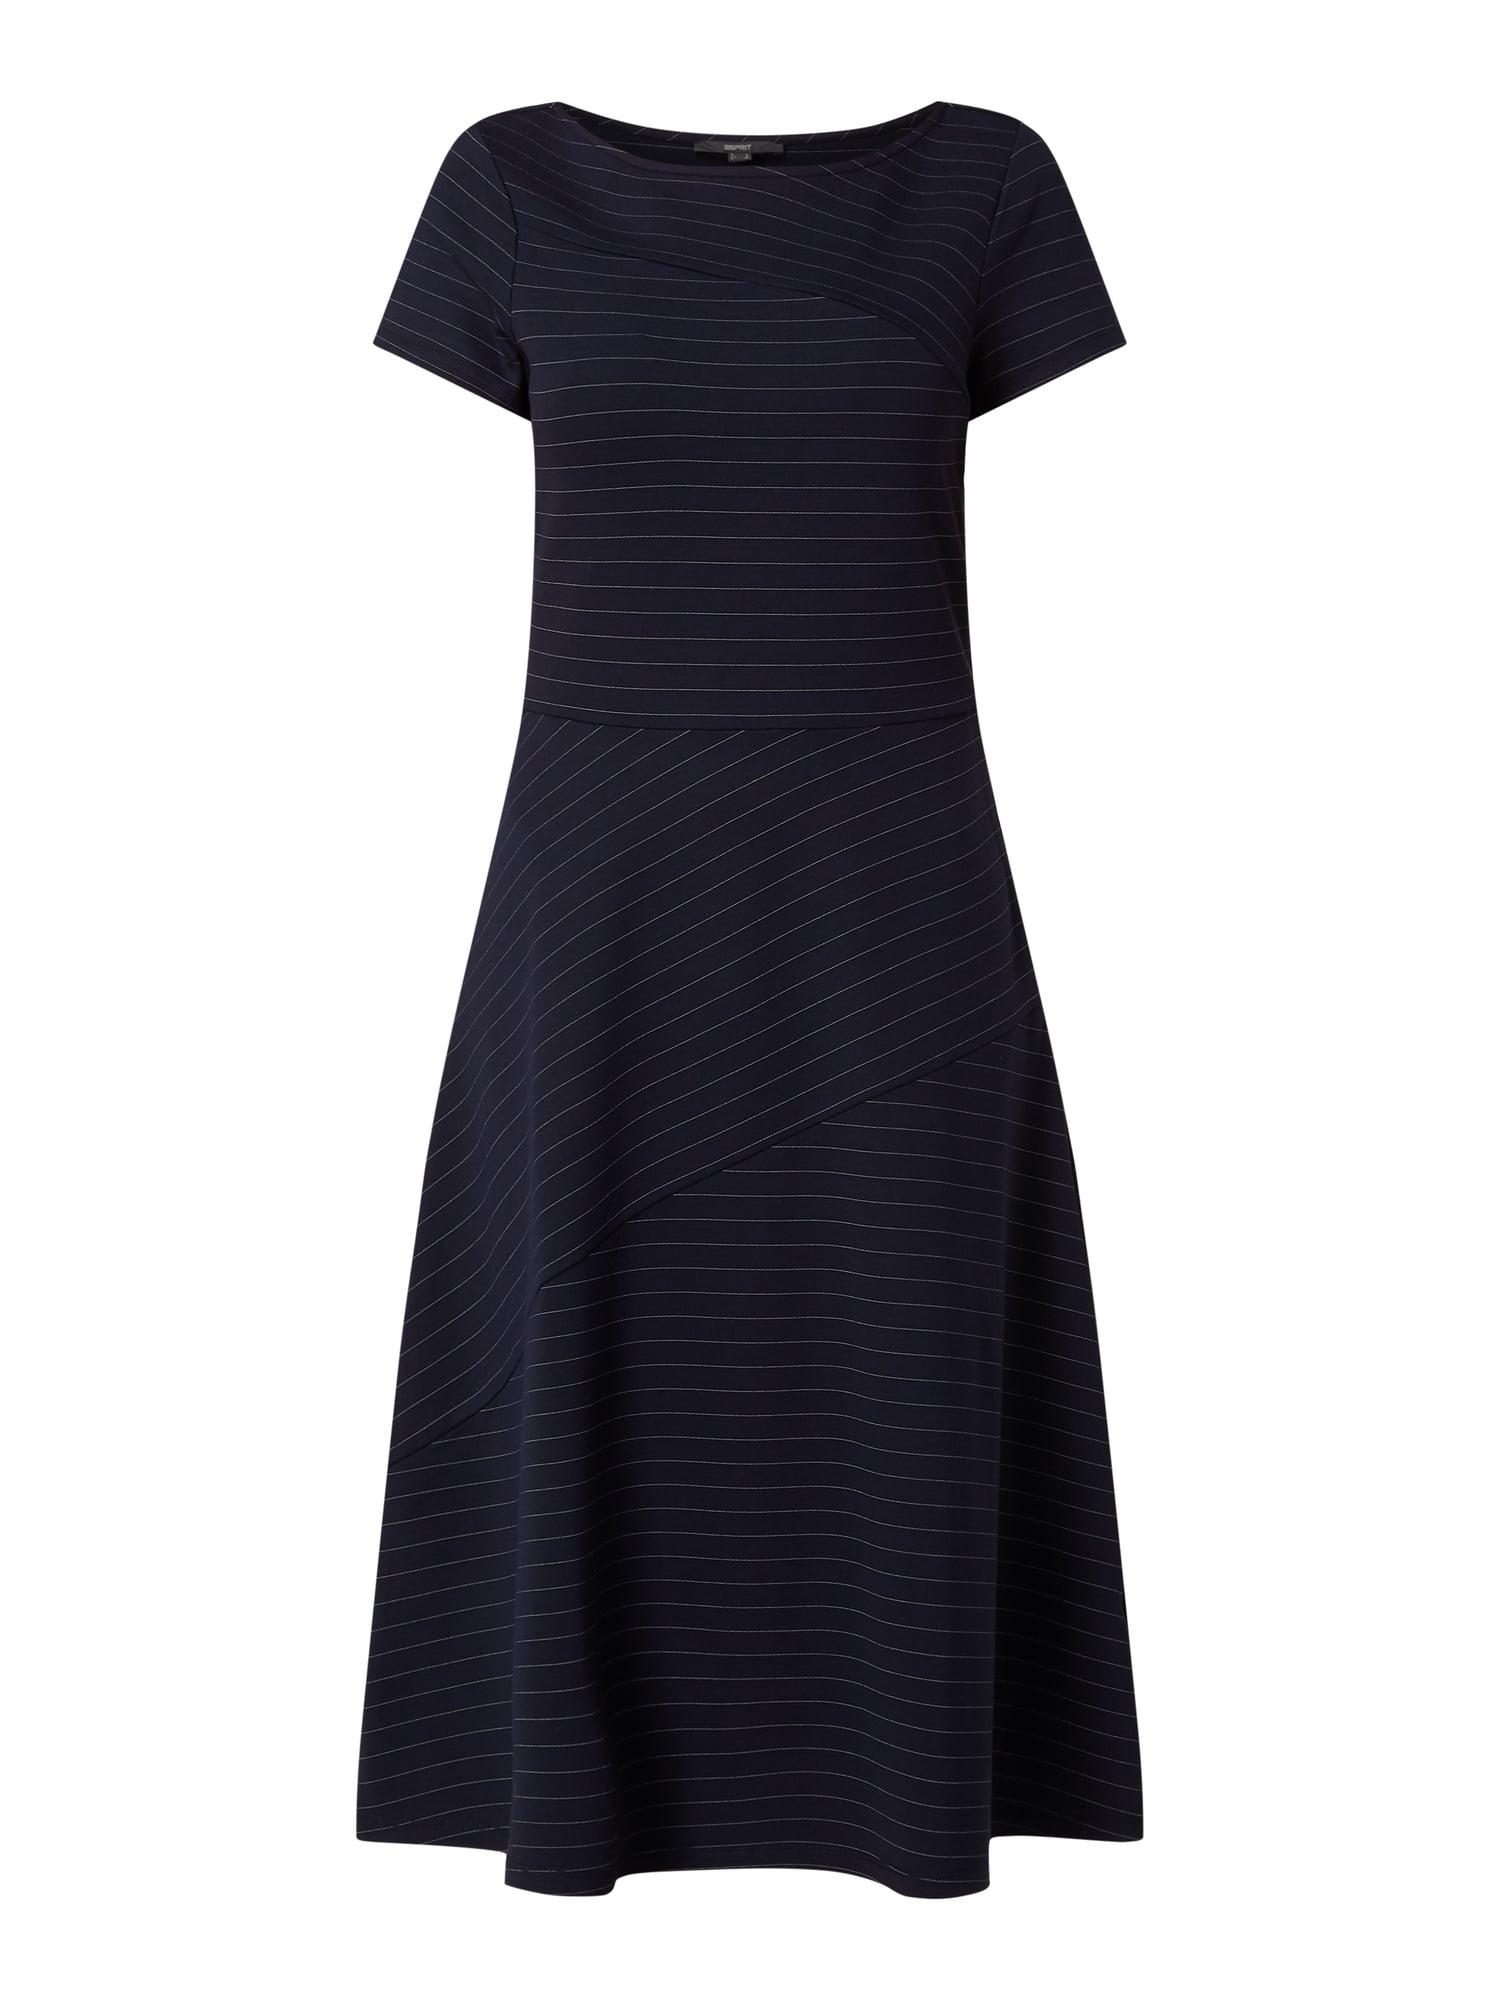 Esprit Collection Kleid Mit Nadelstreifen In Blau / Türkis